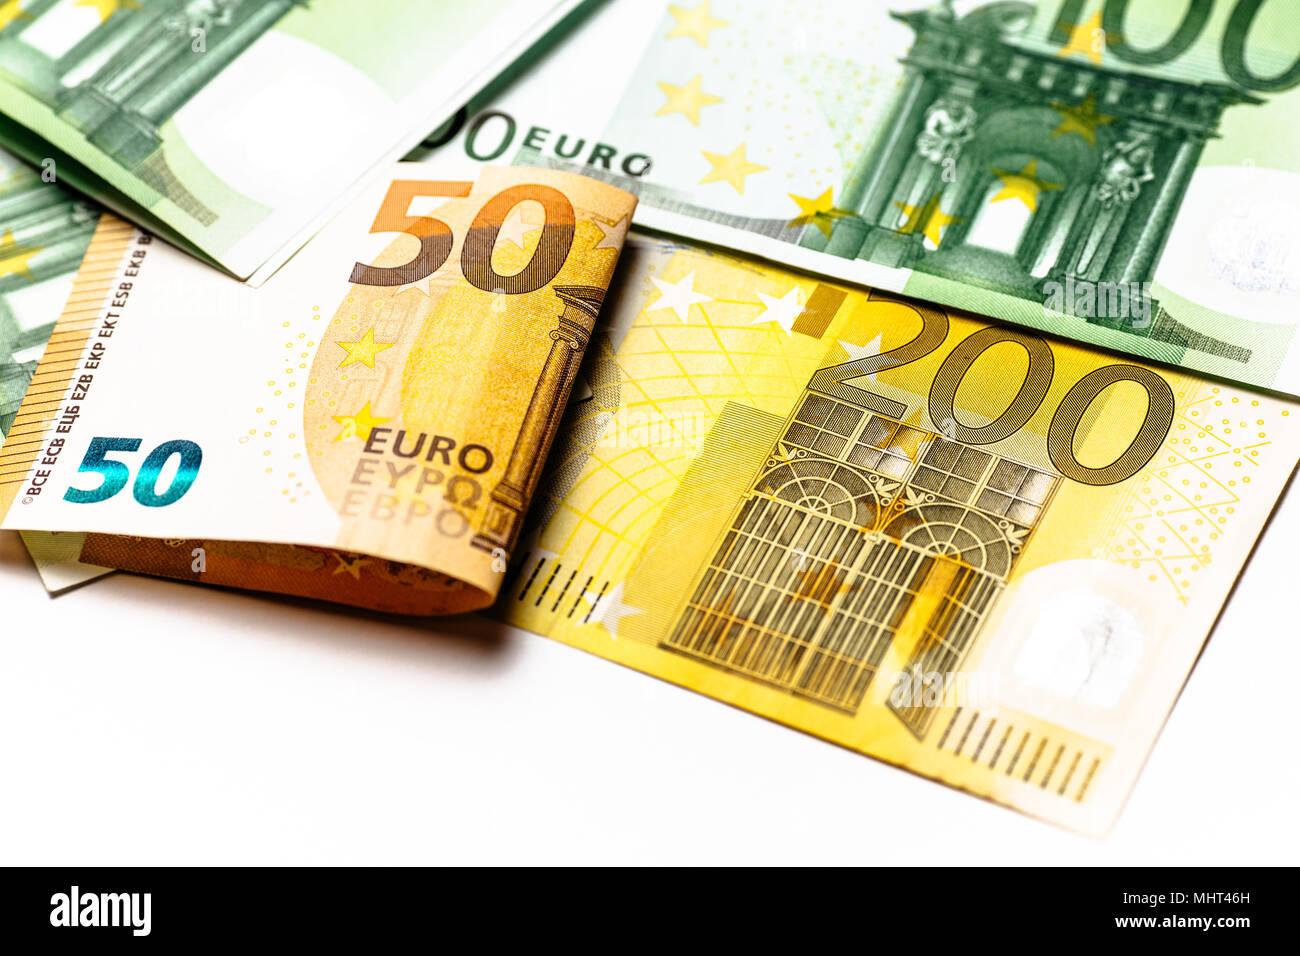 uro Money. euro cash background. Euro Money Banknotes - Stock Image